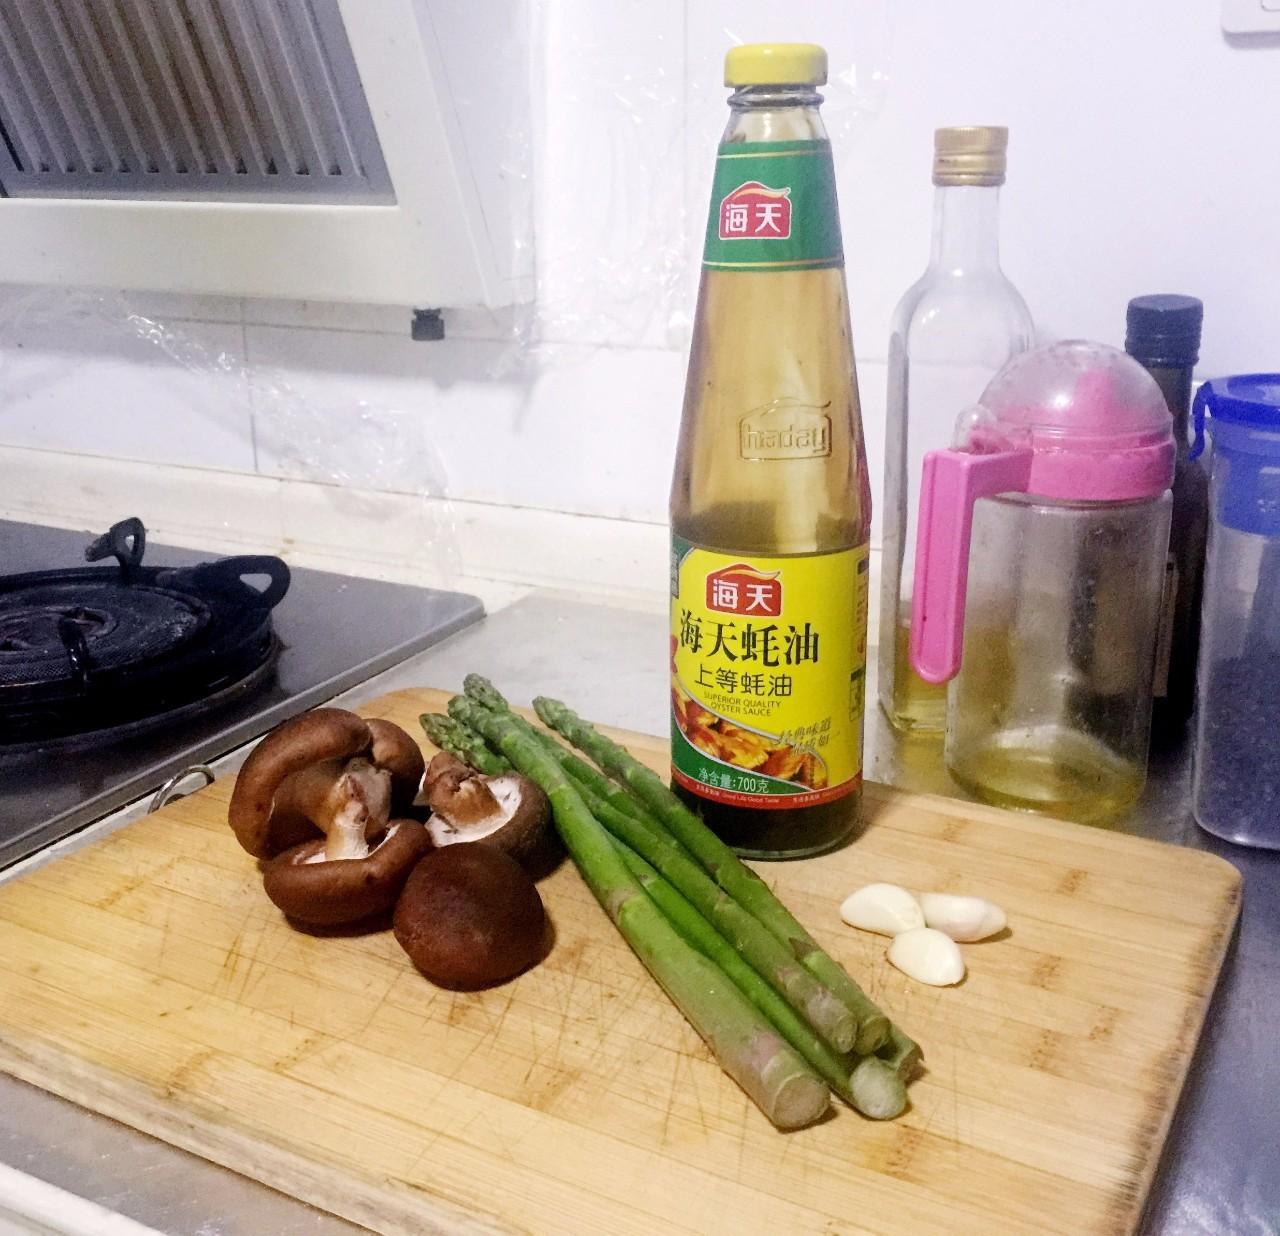 健康快手的芦笋炒香菇,用蚝油调味才鲜香!